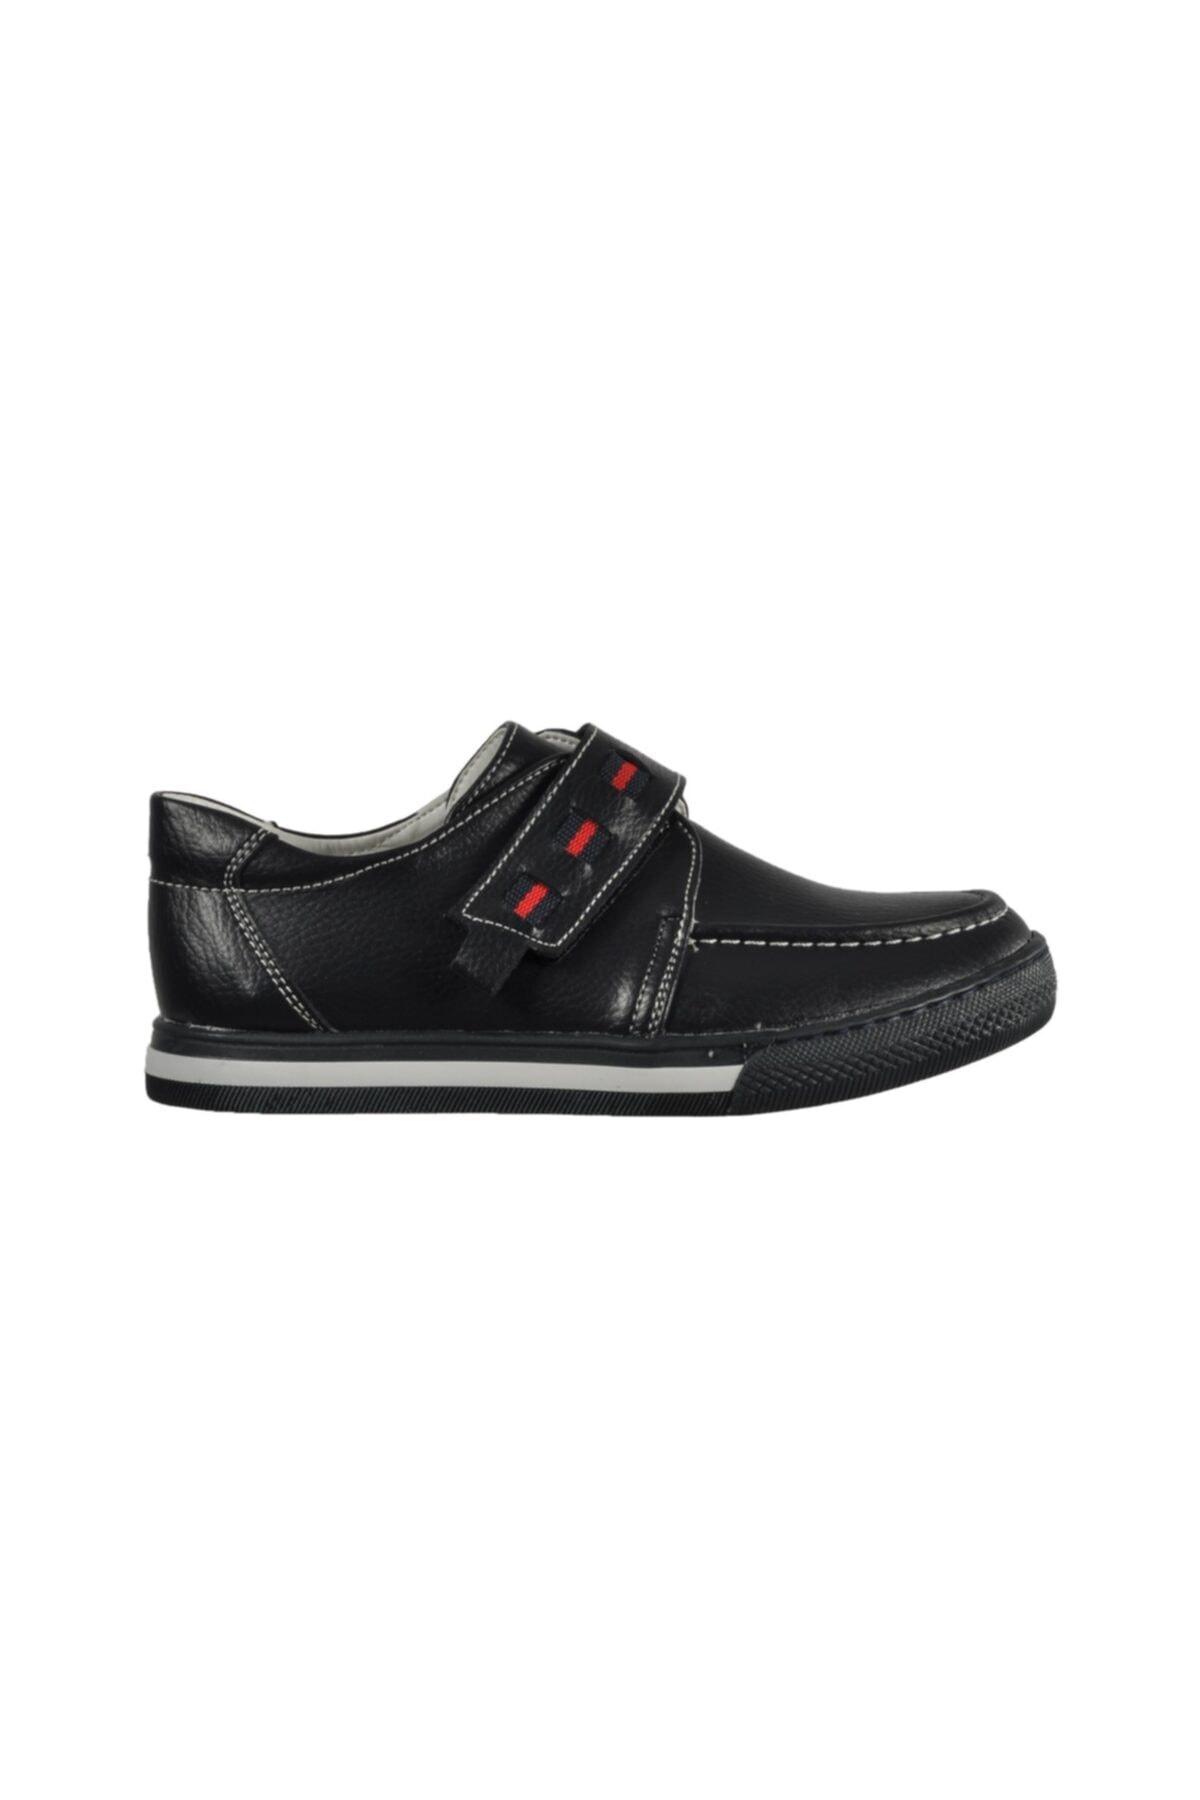 8999 Lacivert Çocuk Günlük Ayakkabı